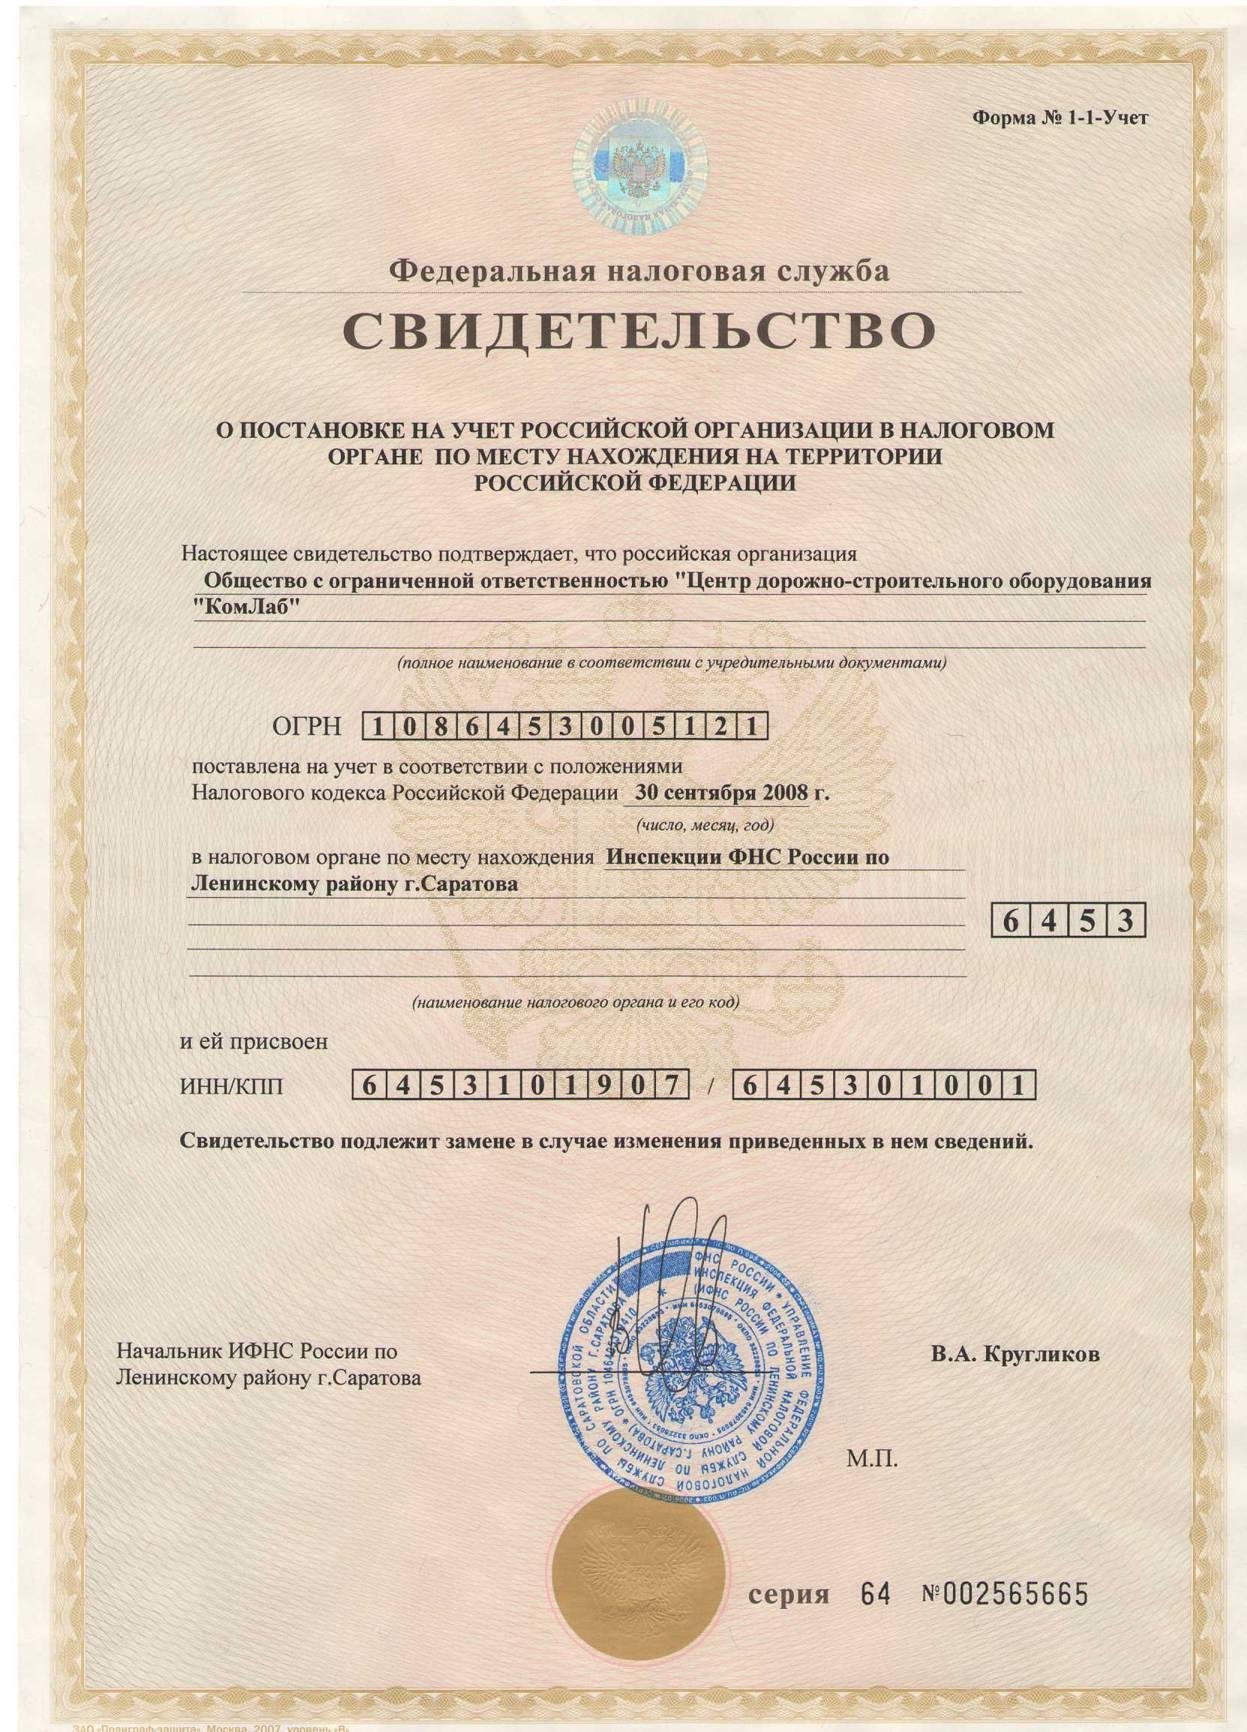 Свидетельство о постановке на учет в налоговом органе по месту нахождения на территории Российской Федерации